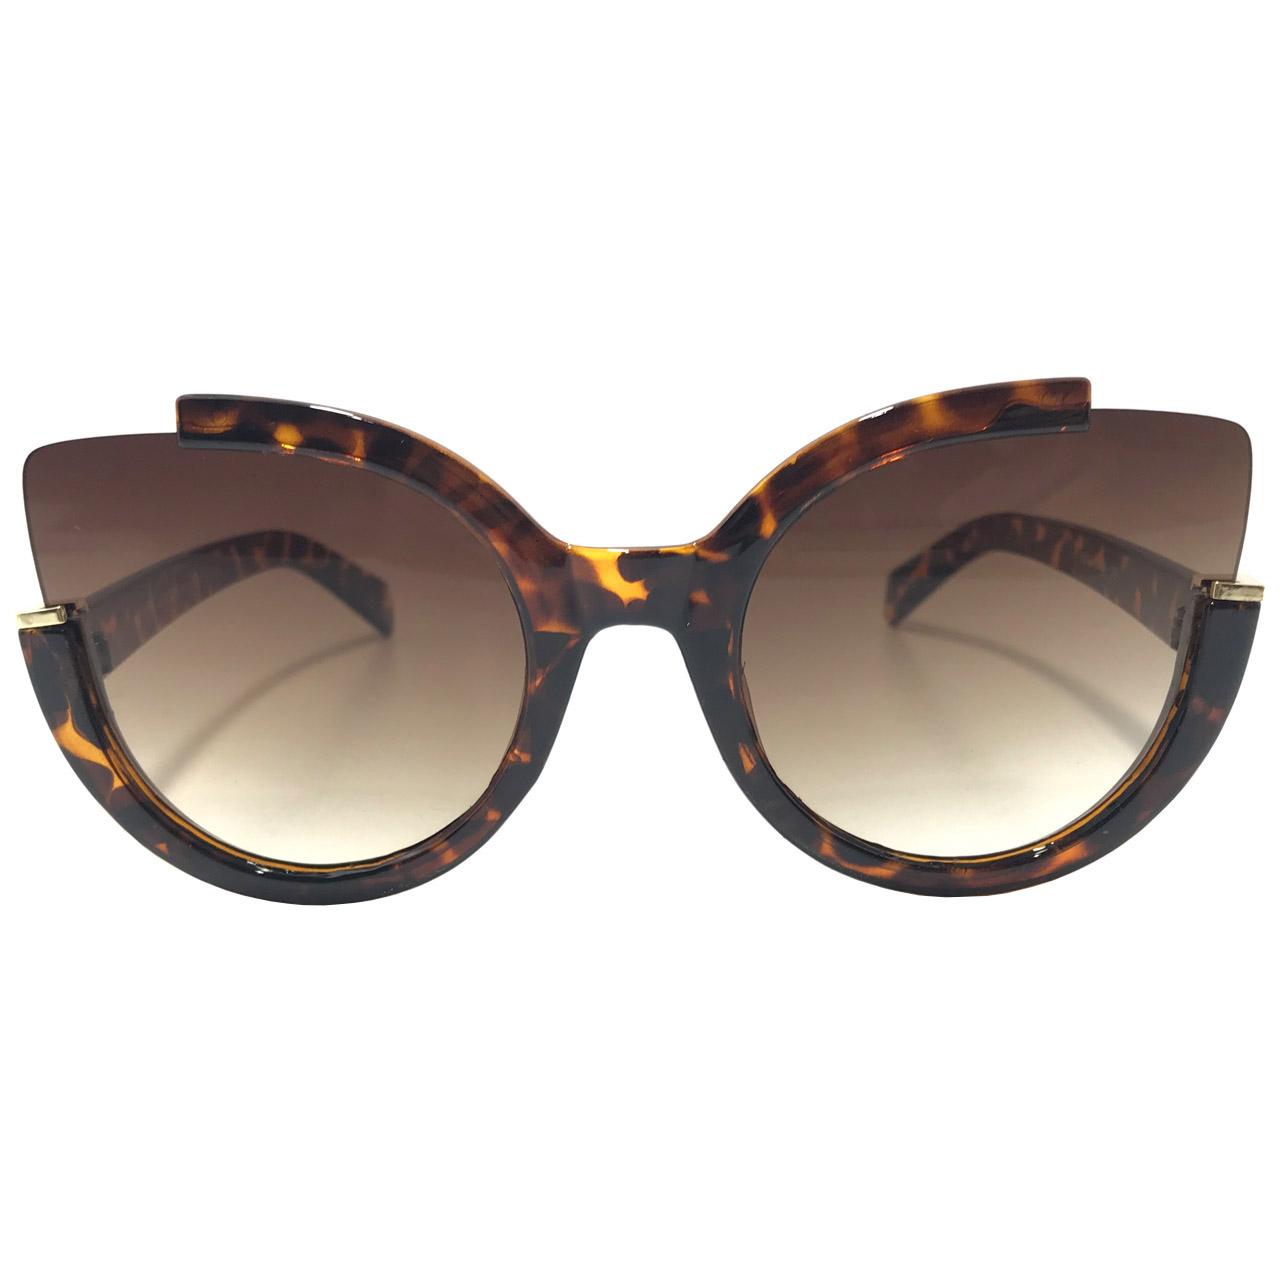 قیمت عینک آفتابی زنانه مدل 1-8217 به همراه جا سوییچی چرم طبیعی طرح کفش هدیه